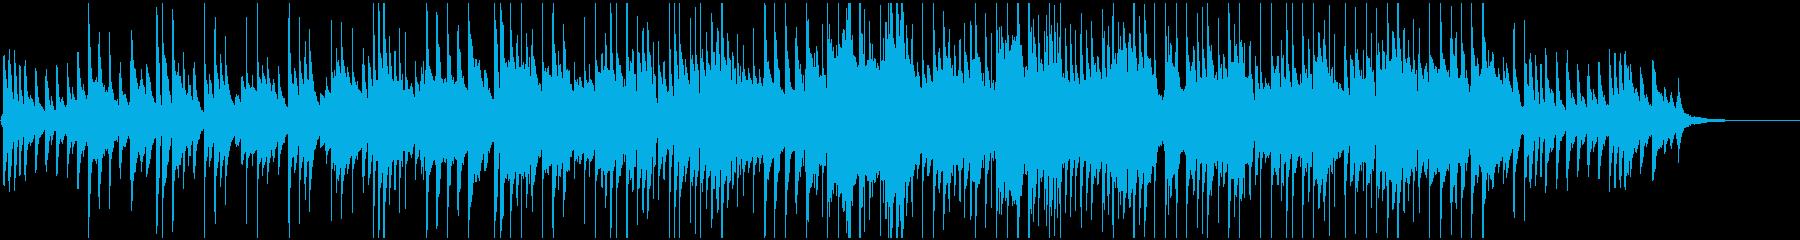 ゆったりピアノとシンセベルのBGMの再生済みの波形